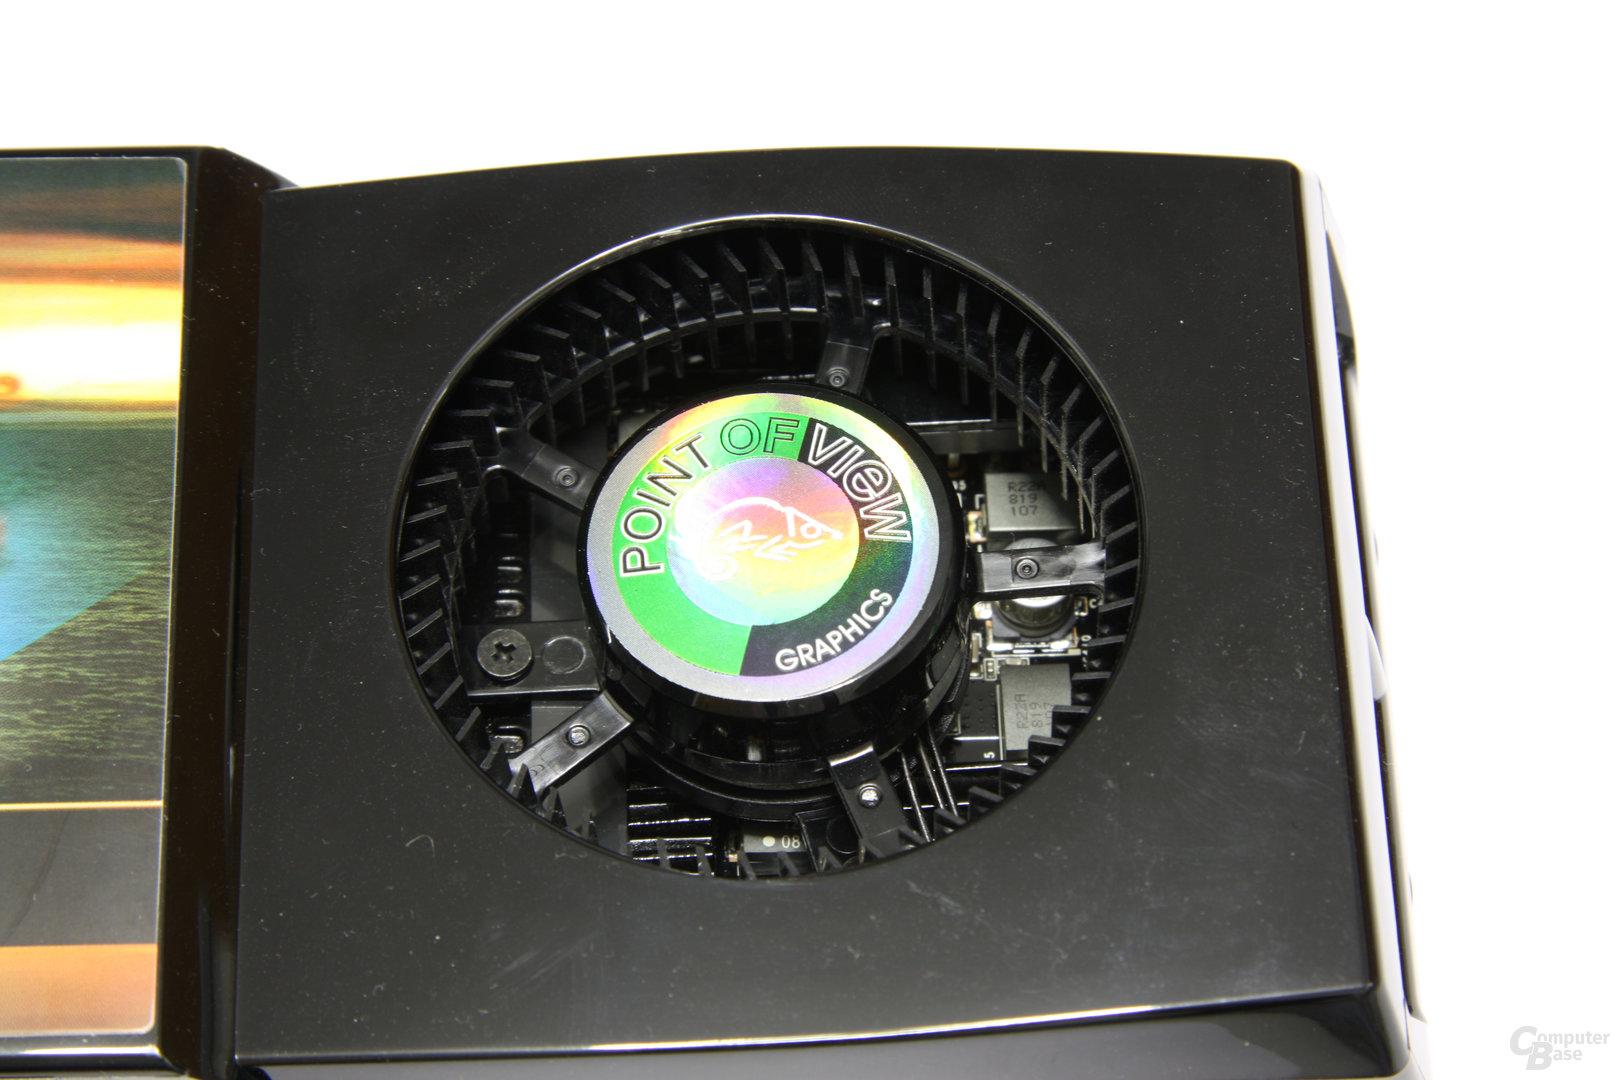 GeForce GTX 260 Lüfter